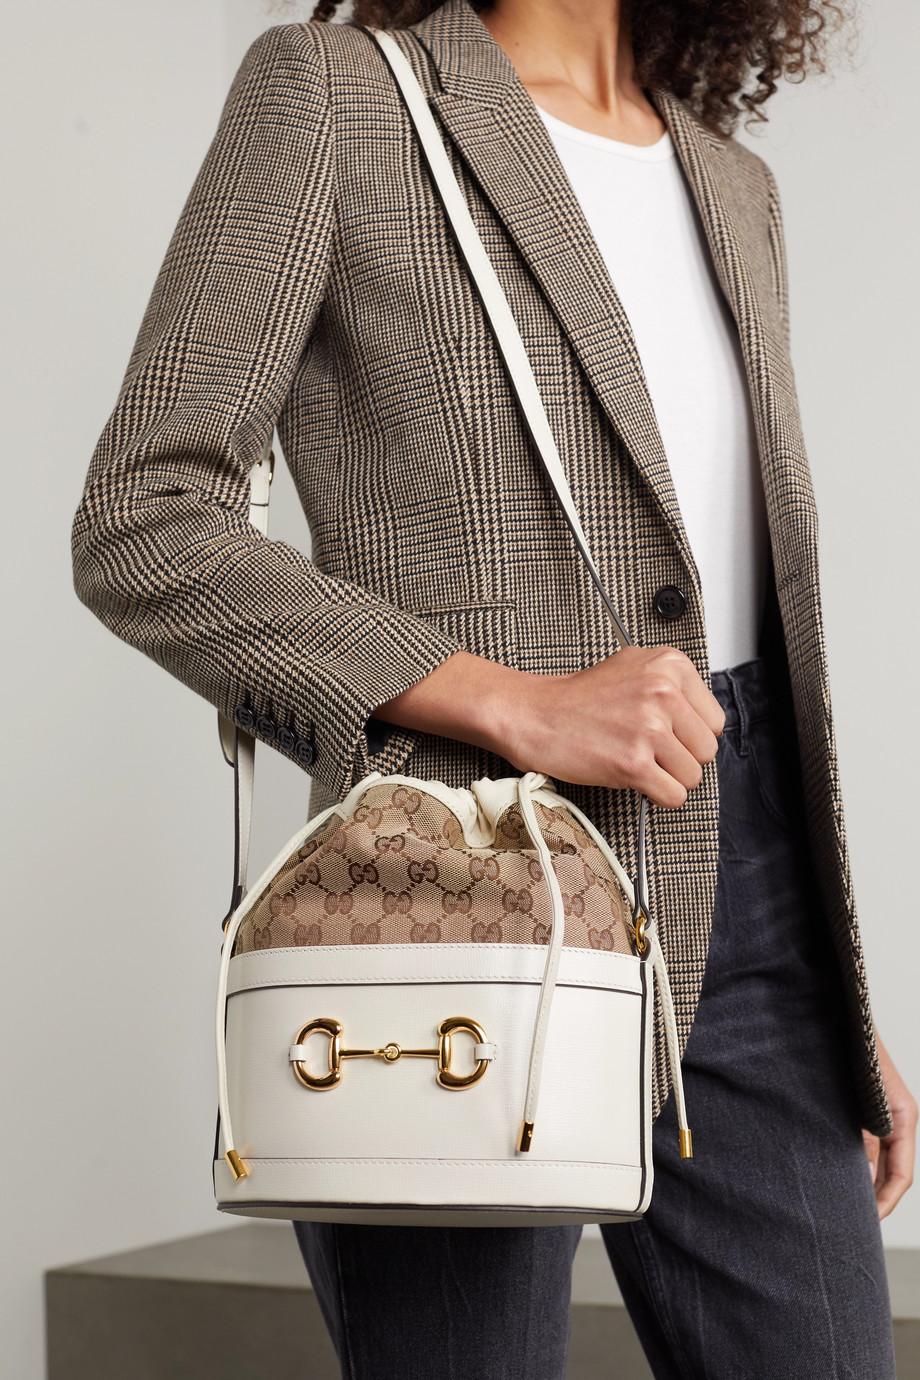 Gucci Sac seau en cuir et en toile enduite imprimée 1955 Horsebit